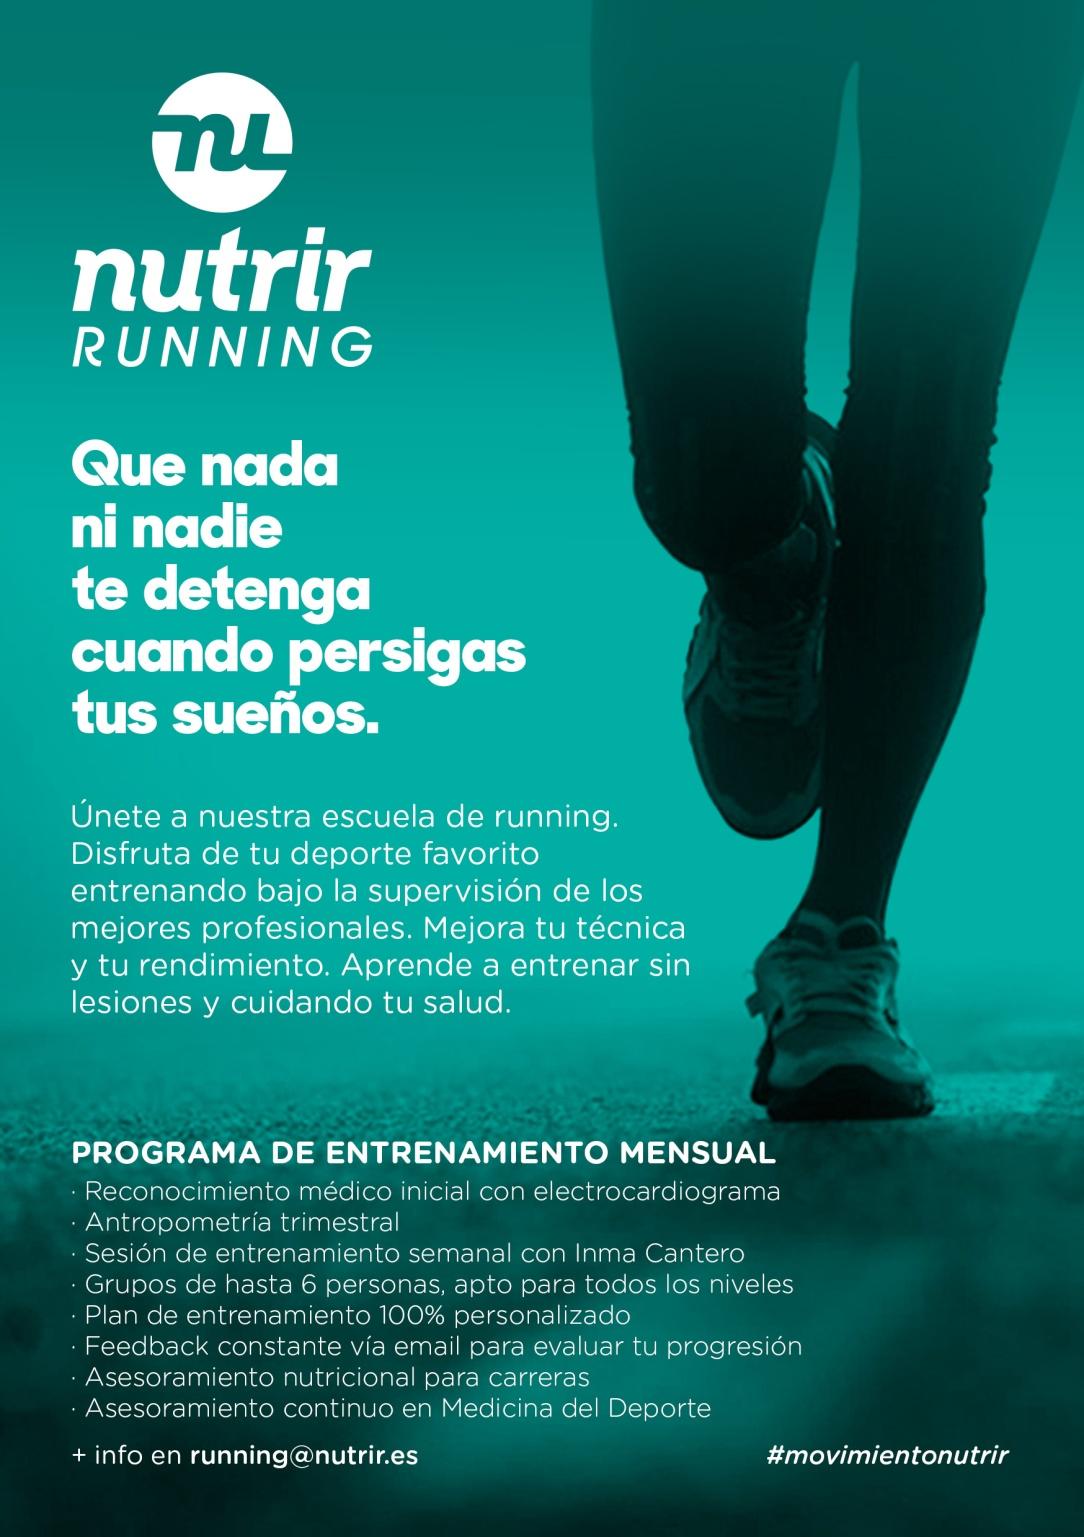 flyer-Nutrir-Running